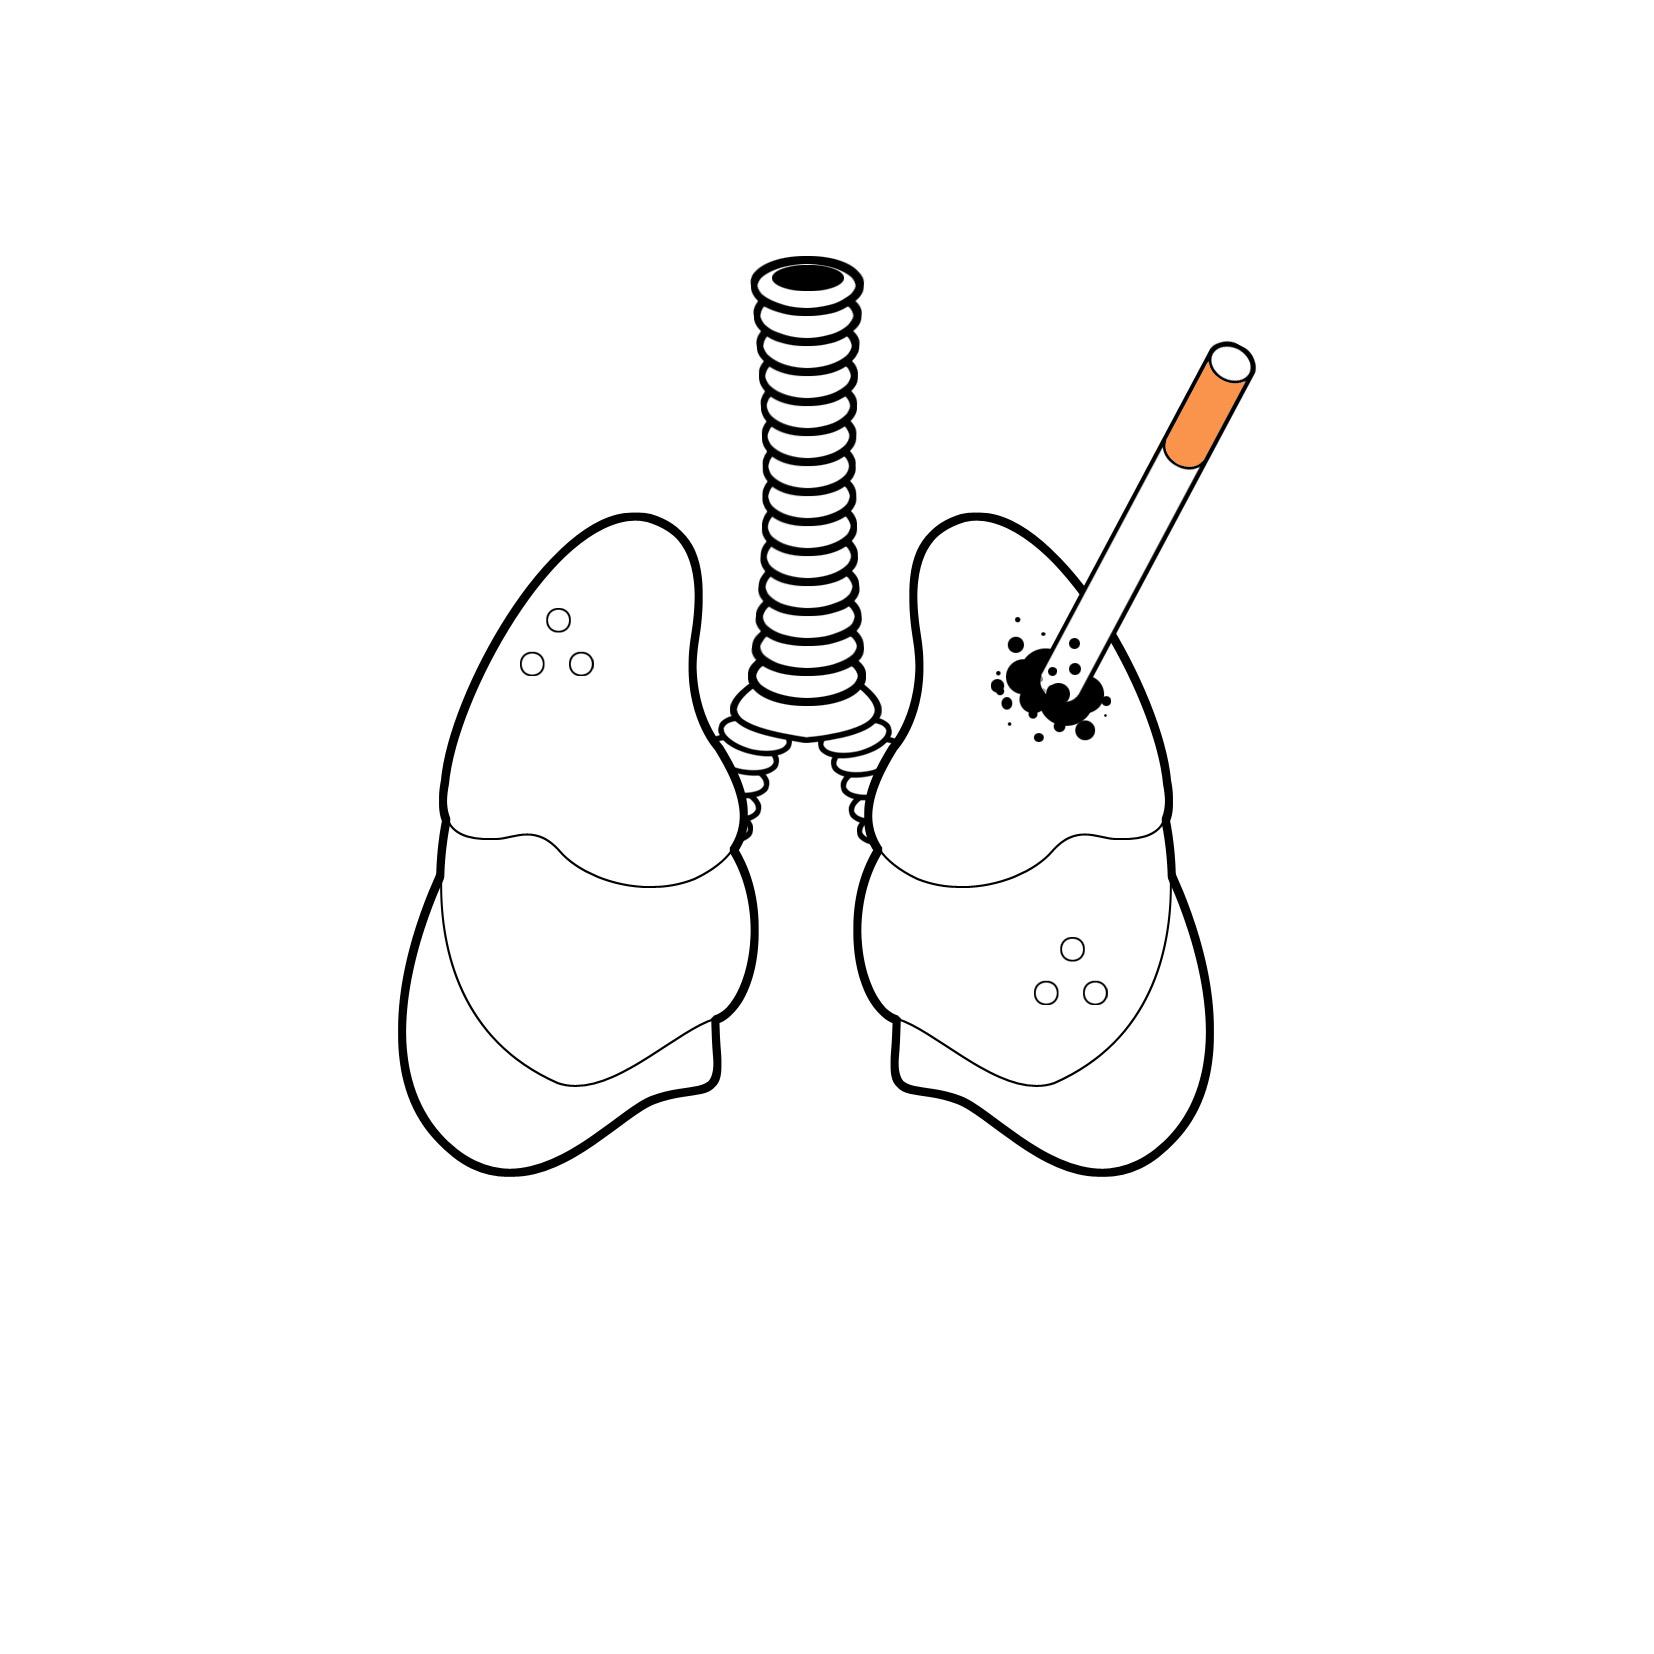 戒烟手绘简单图